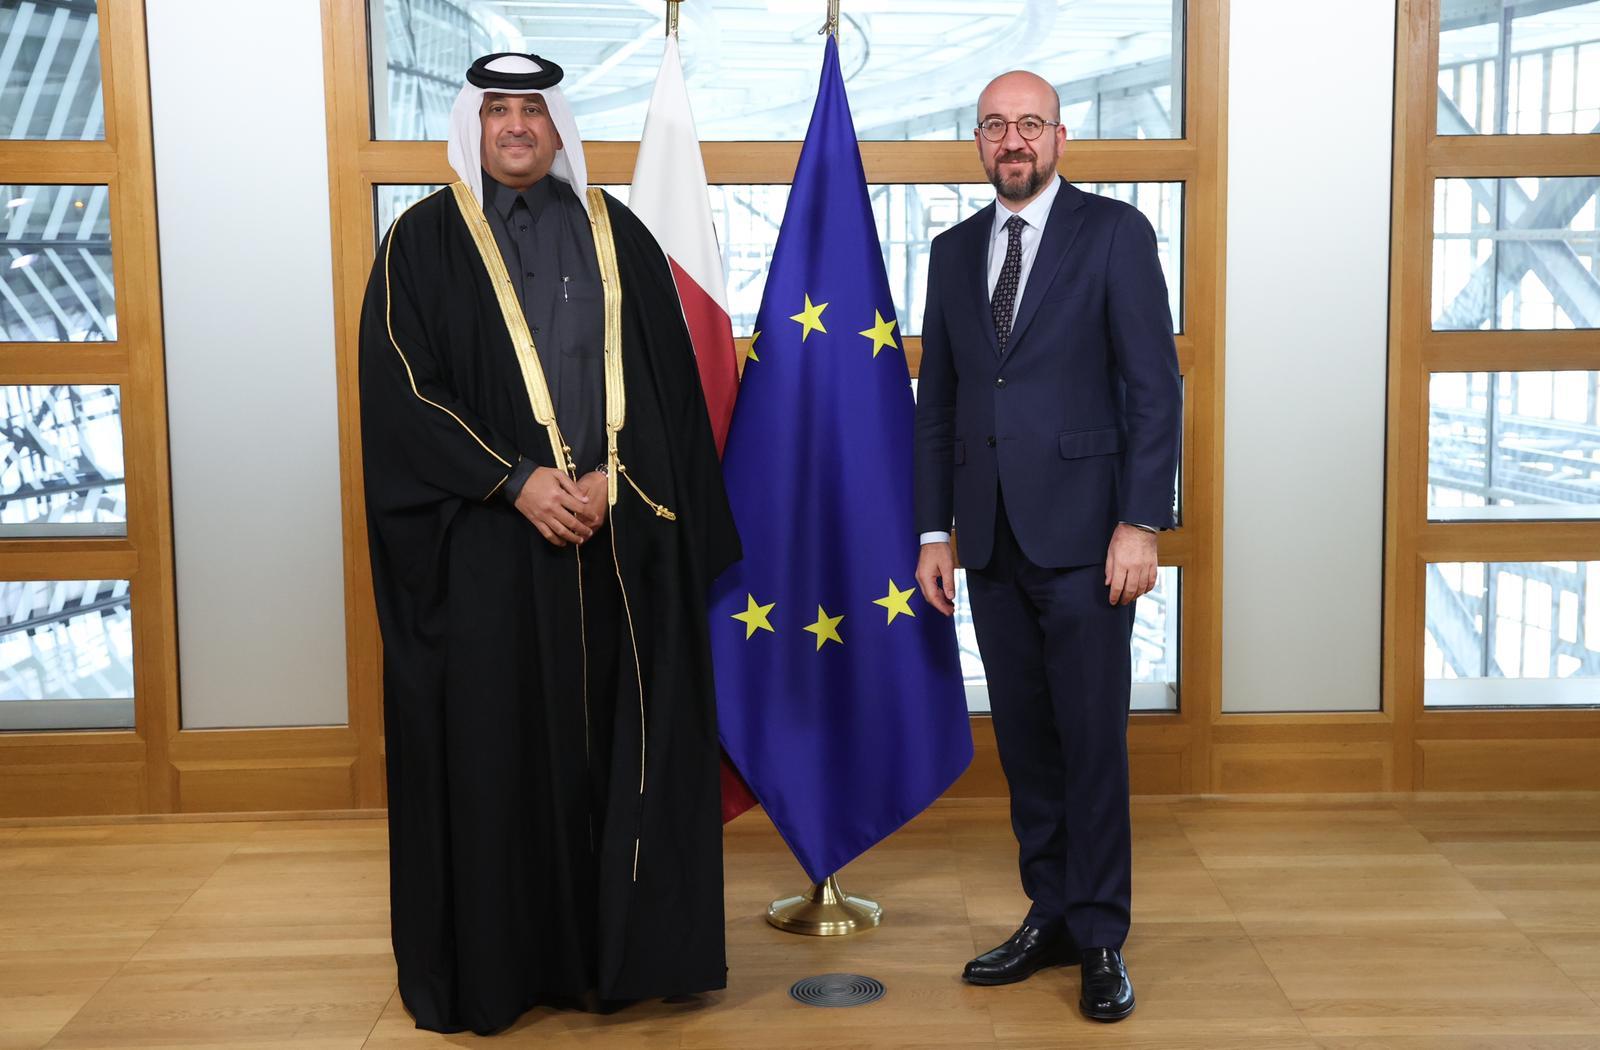 رئيس المجلس الأوروبي يتسلم أوراق اعتماد سفير دولة قطر